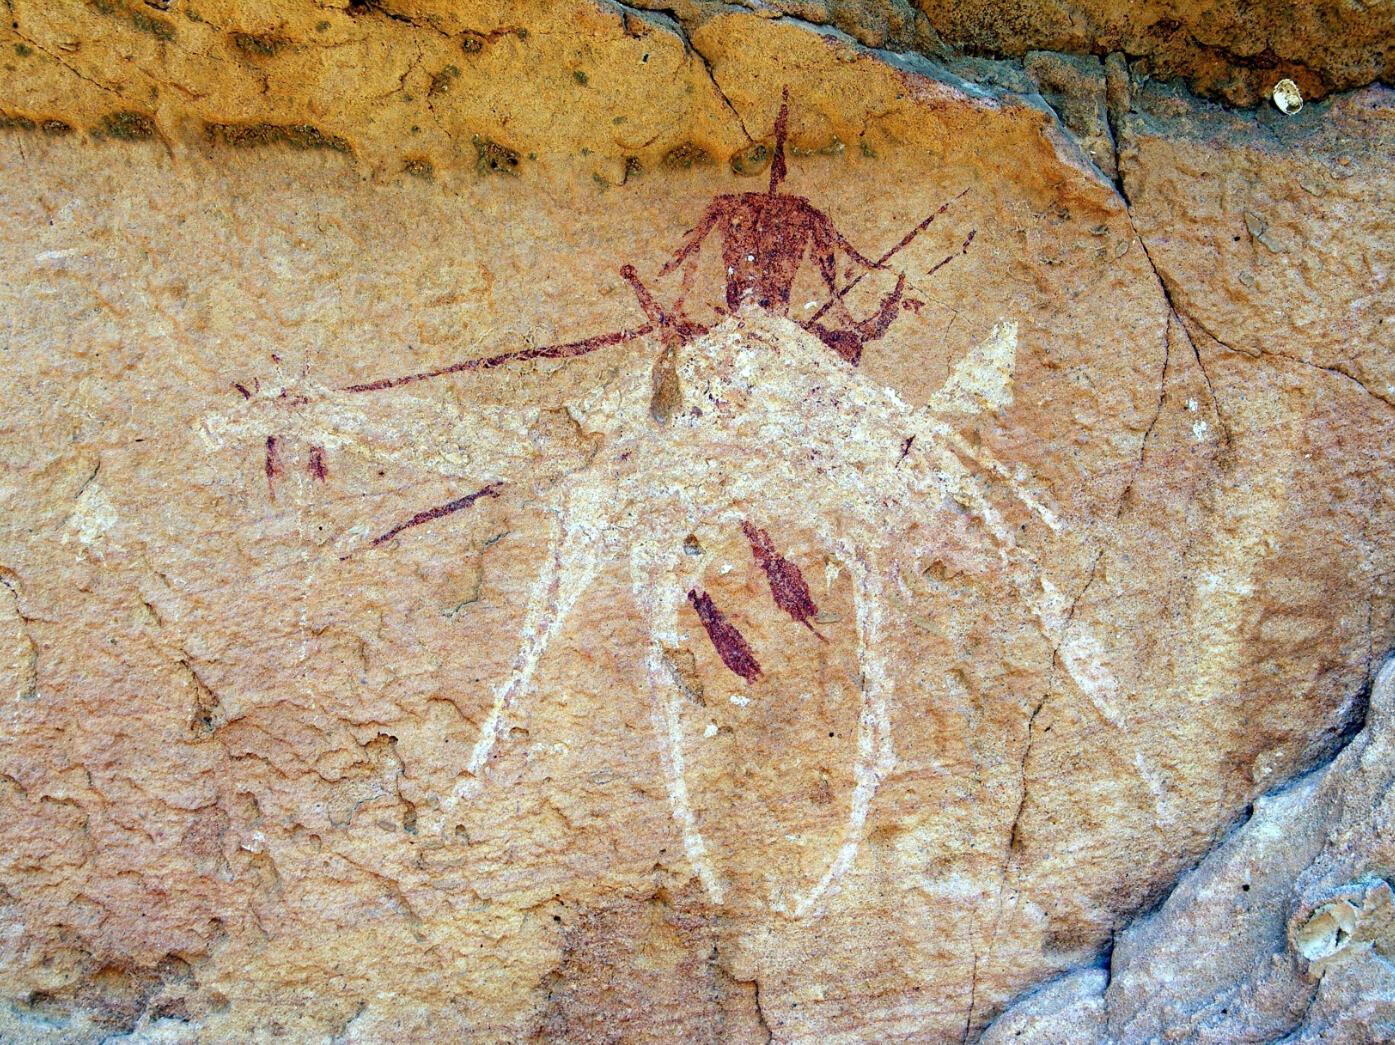 Peintures du massif de l'Ennedi. Plusieurs Tchadiens appellent le département de la Culture à s'occuper d'autres sites historiques qui sont menacés de disparition.